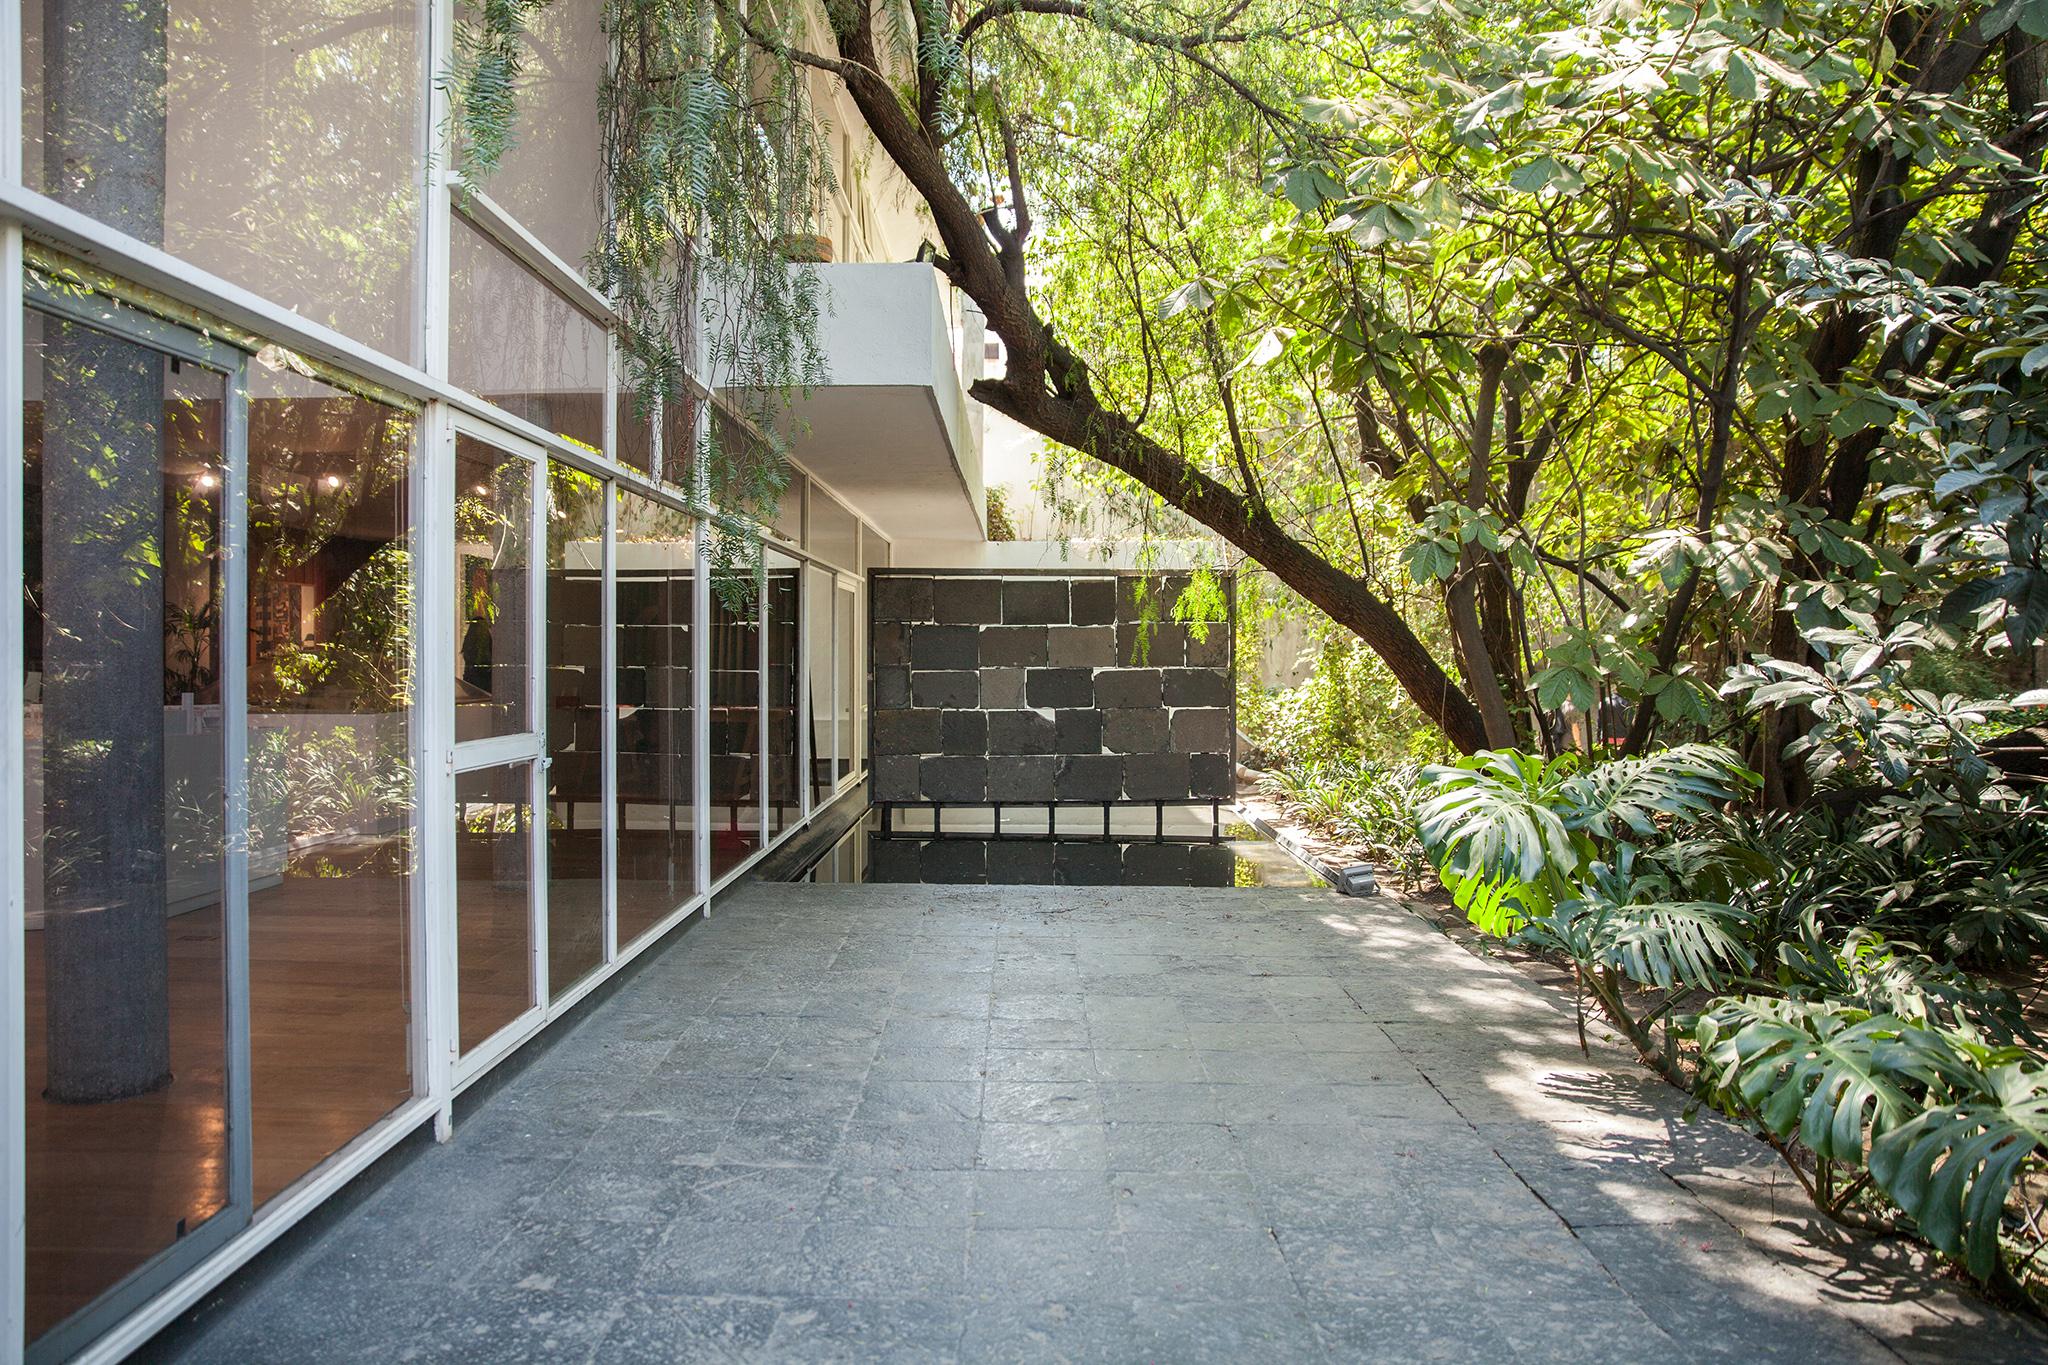 Next door to Casa Estudio Luis Barragán is the peaceful Archivo Diseño y Arquitectura- a great stop if Barragán is sold out!